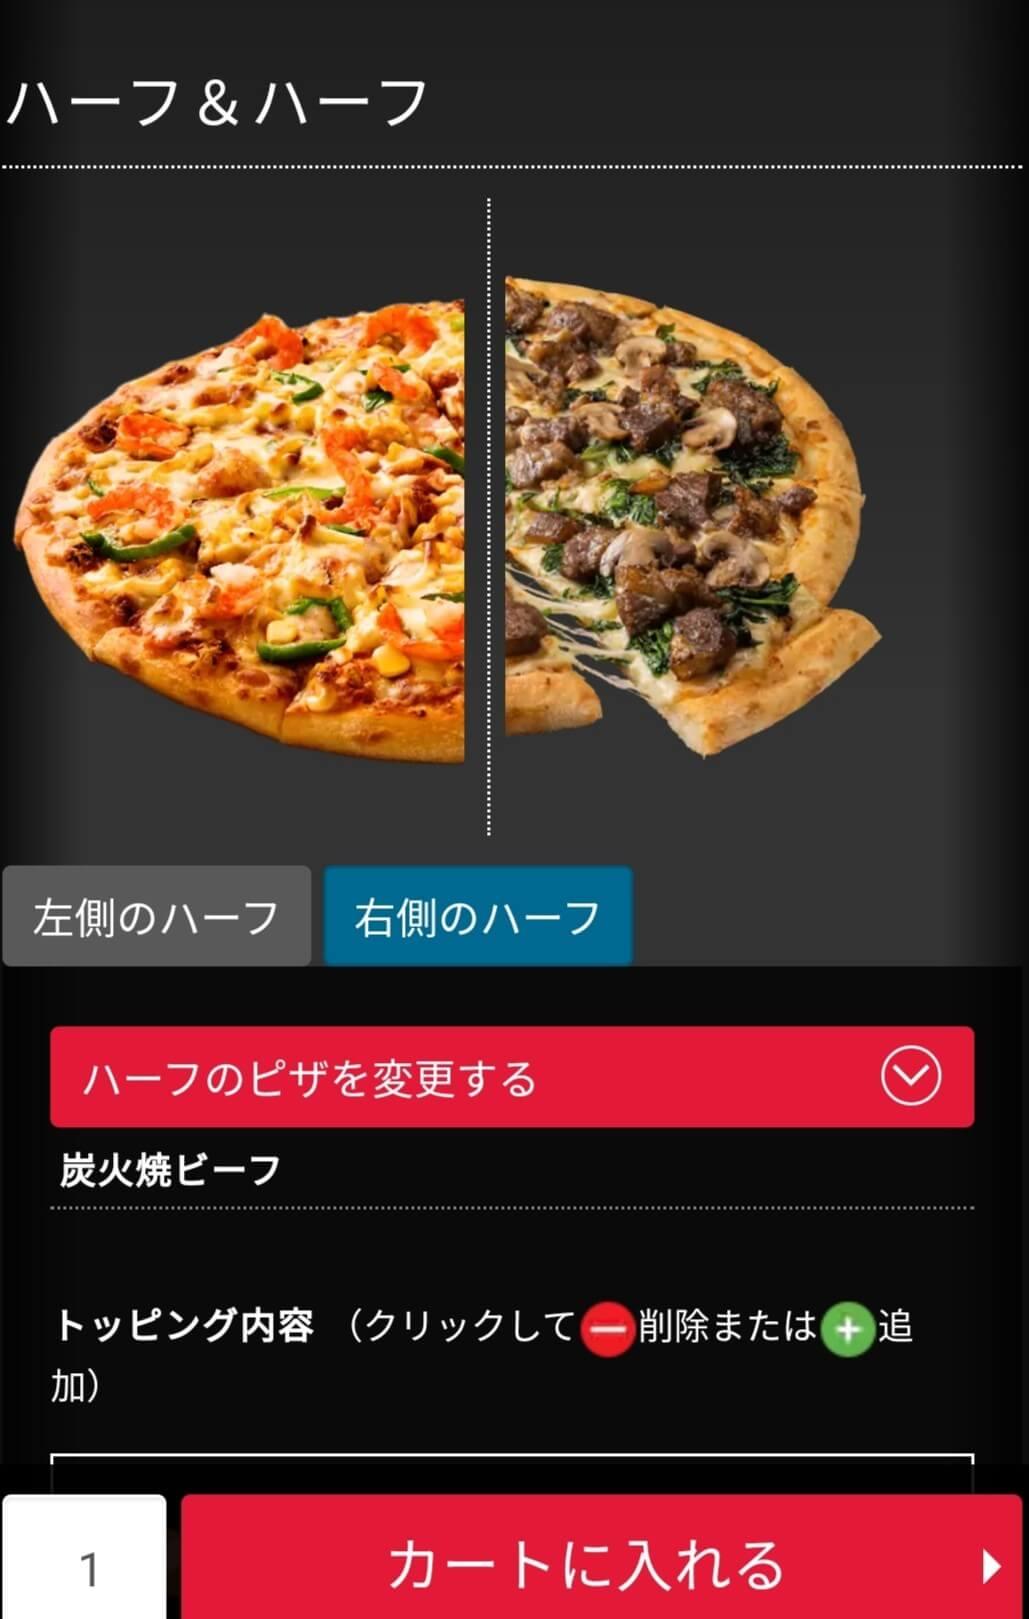 ドミノピザ-裏技1-1